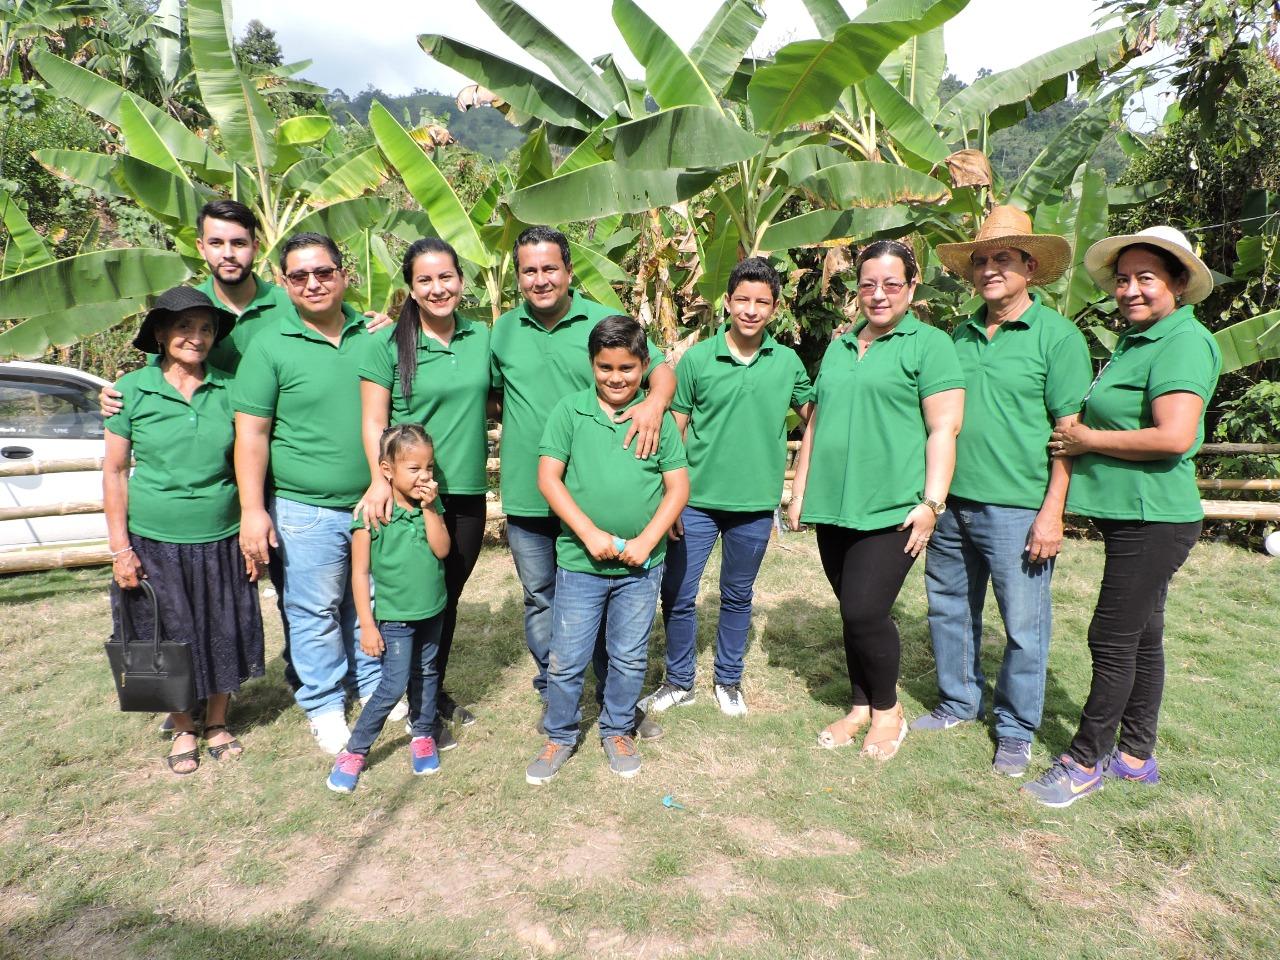 Ángel Exipión Zambrano Risco (segundo por la derecha) y su familia. Ganaron el primer premio del grupo mejor uniformado.